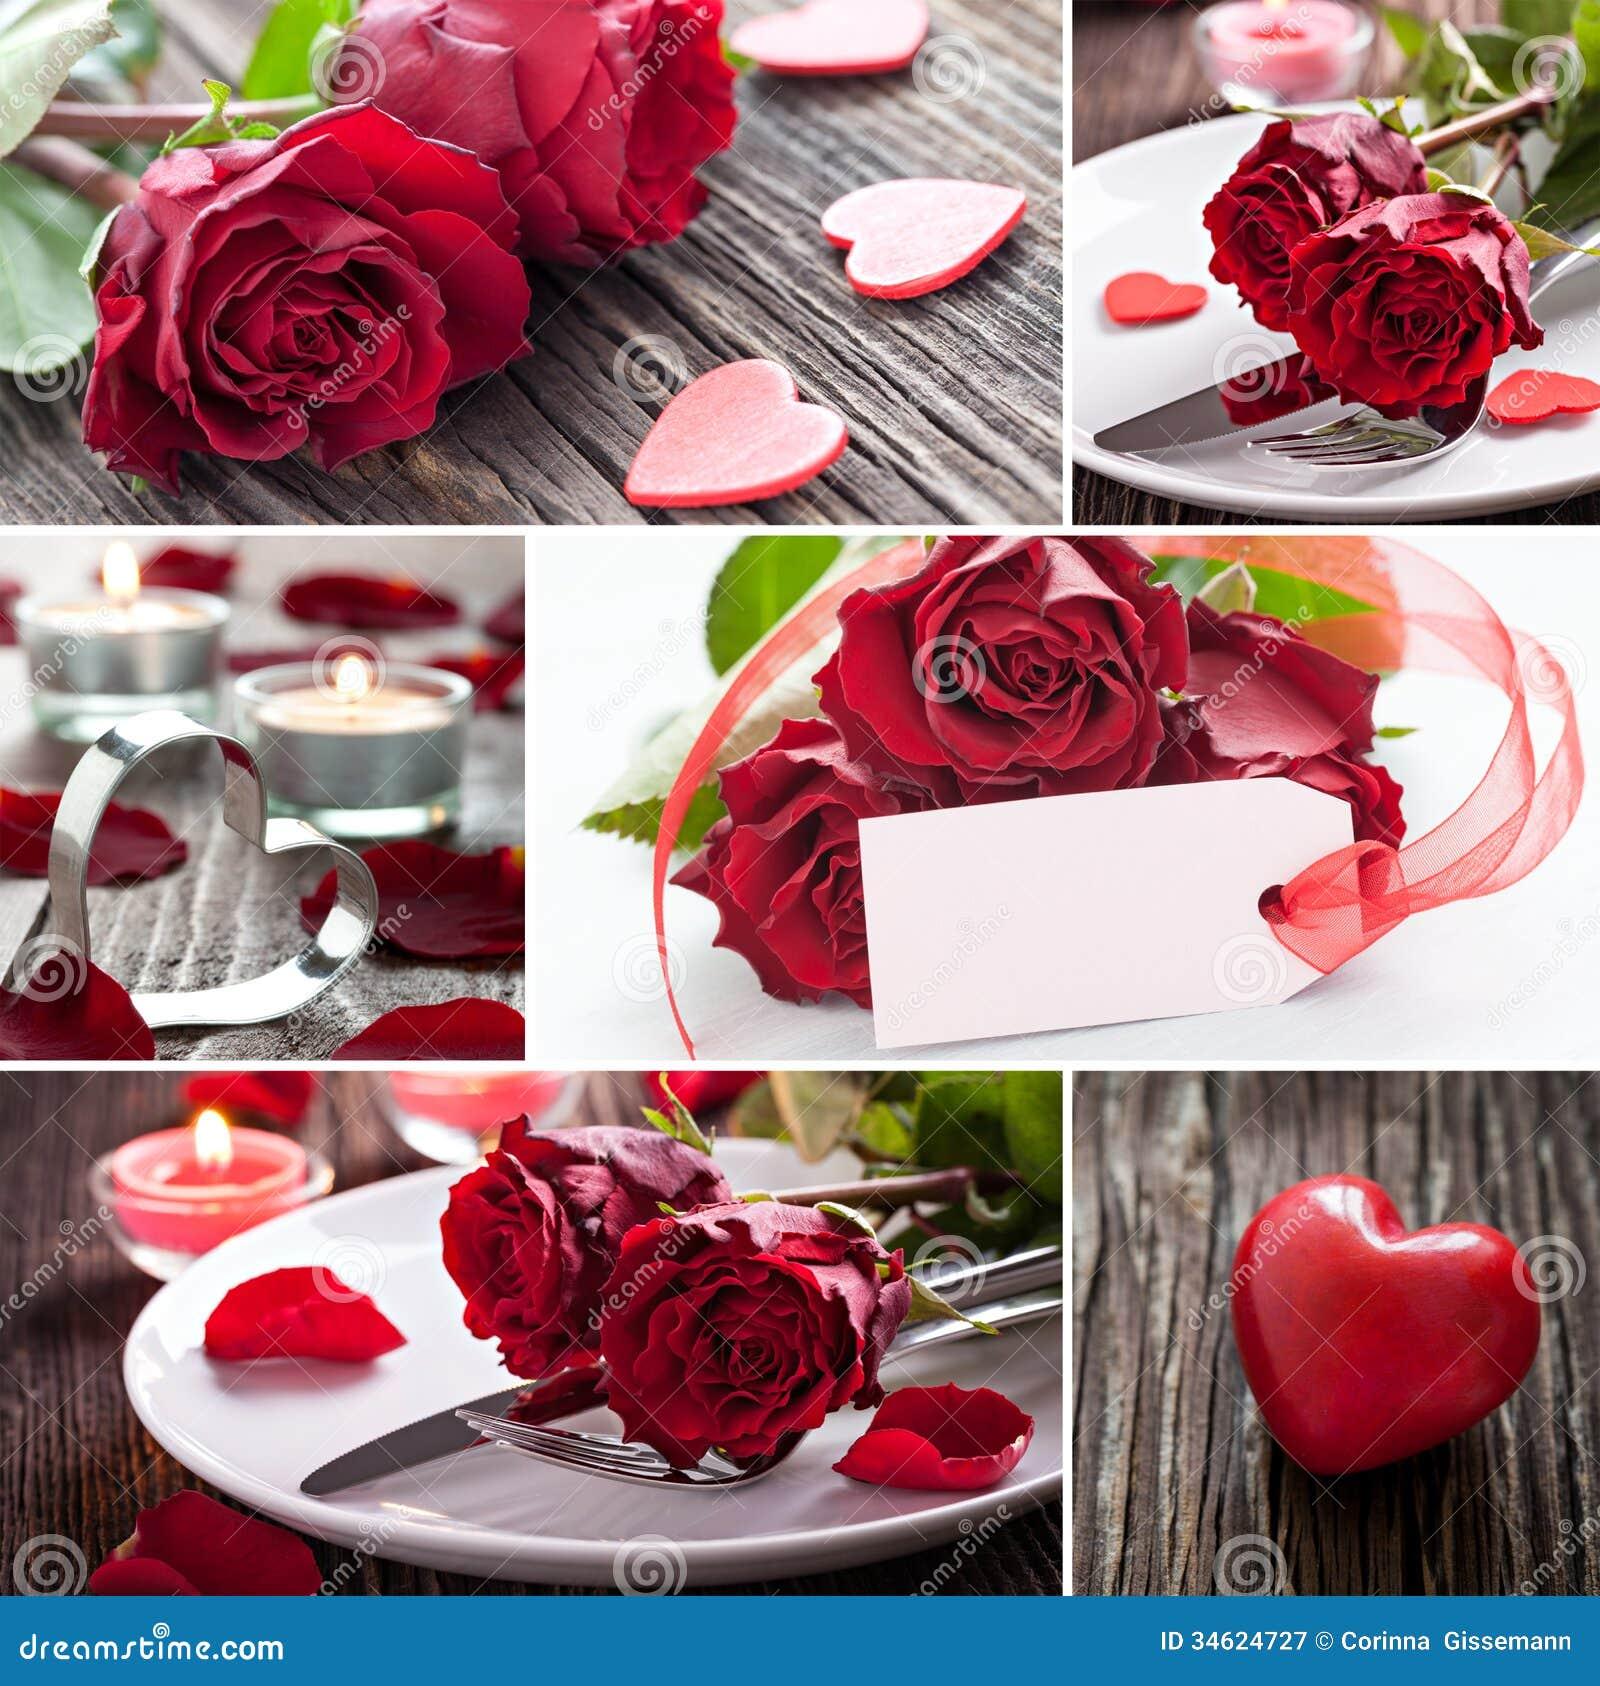 Fesselnd Collage Valentines Day